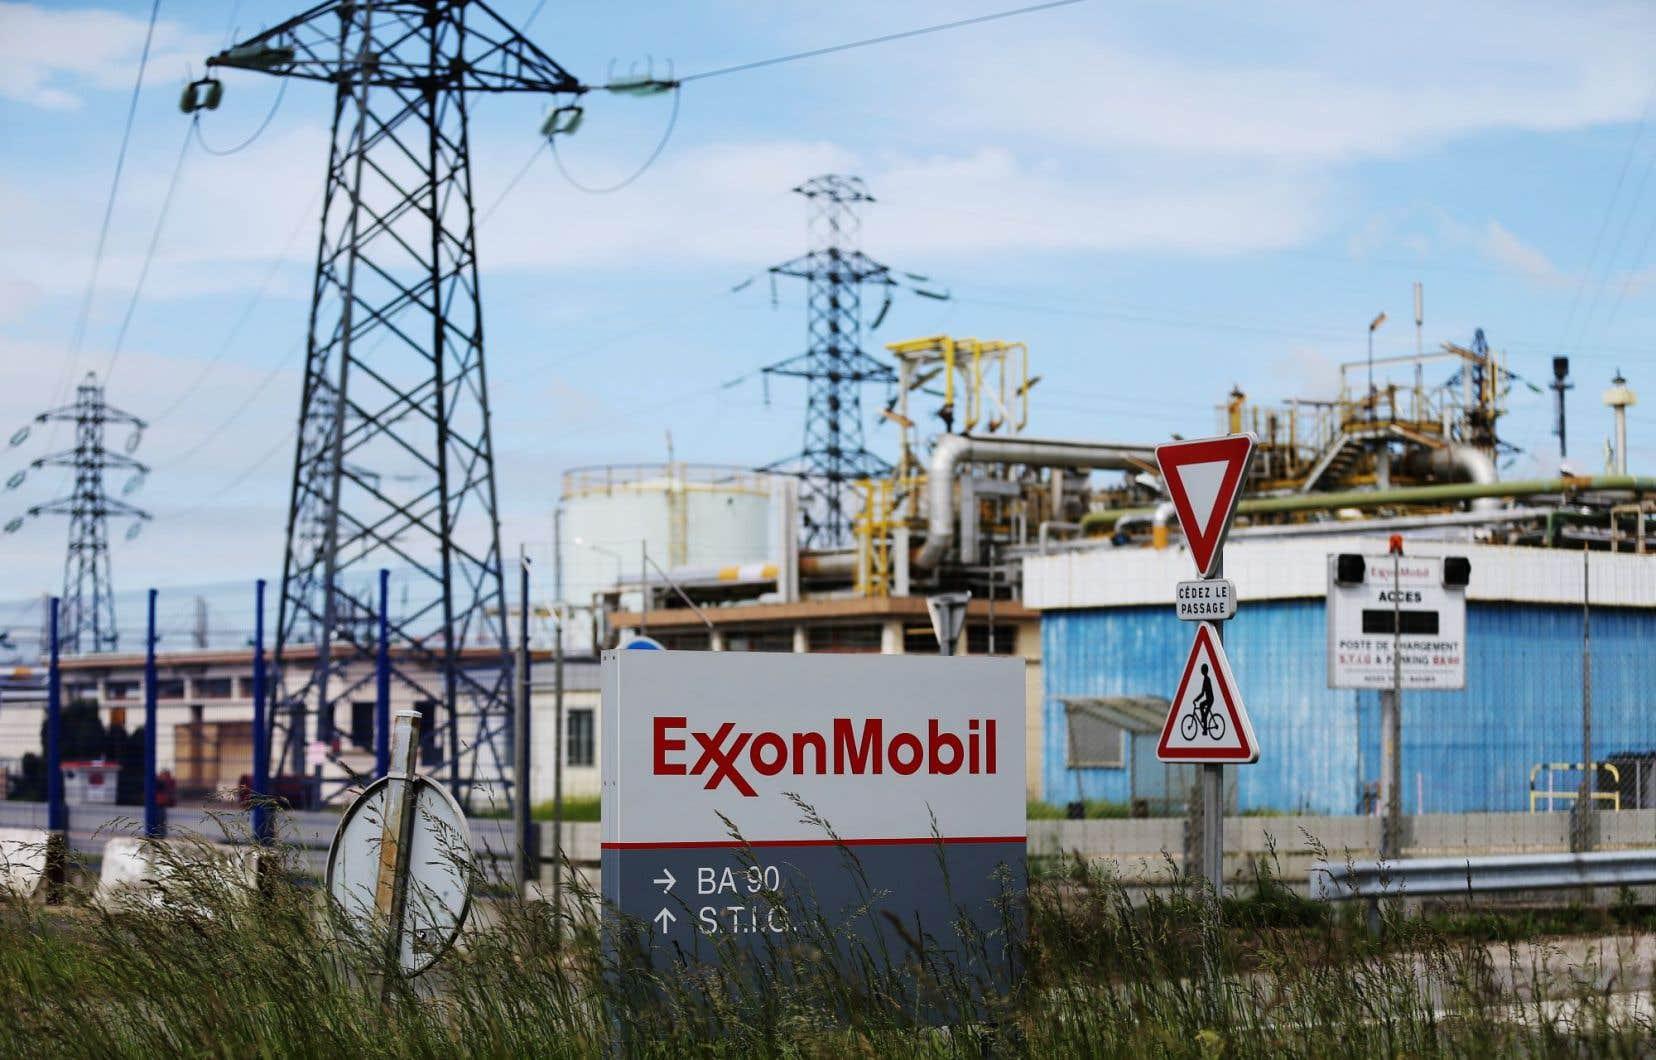 Si ExxonMobil s'est saisie depuis longtemps en interne des changements climatiques, la pétrolière refusait jusqu'à récemment d'évaluer l'impact financier des politiques pour le limiter.